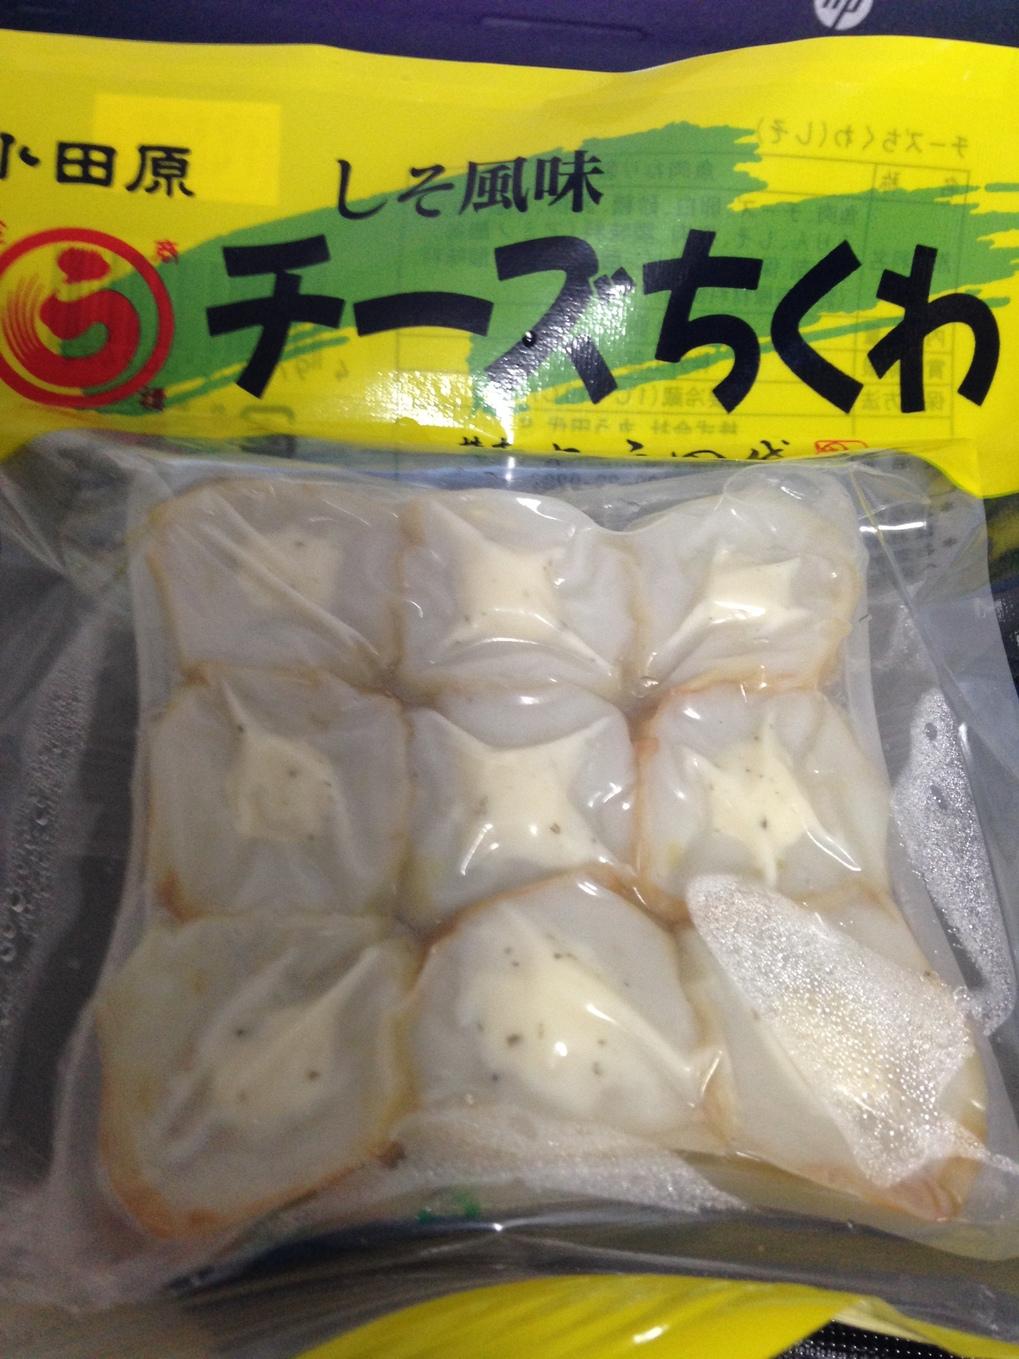 オダキュウ OX 小田原名産店